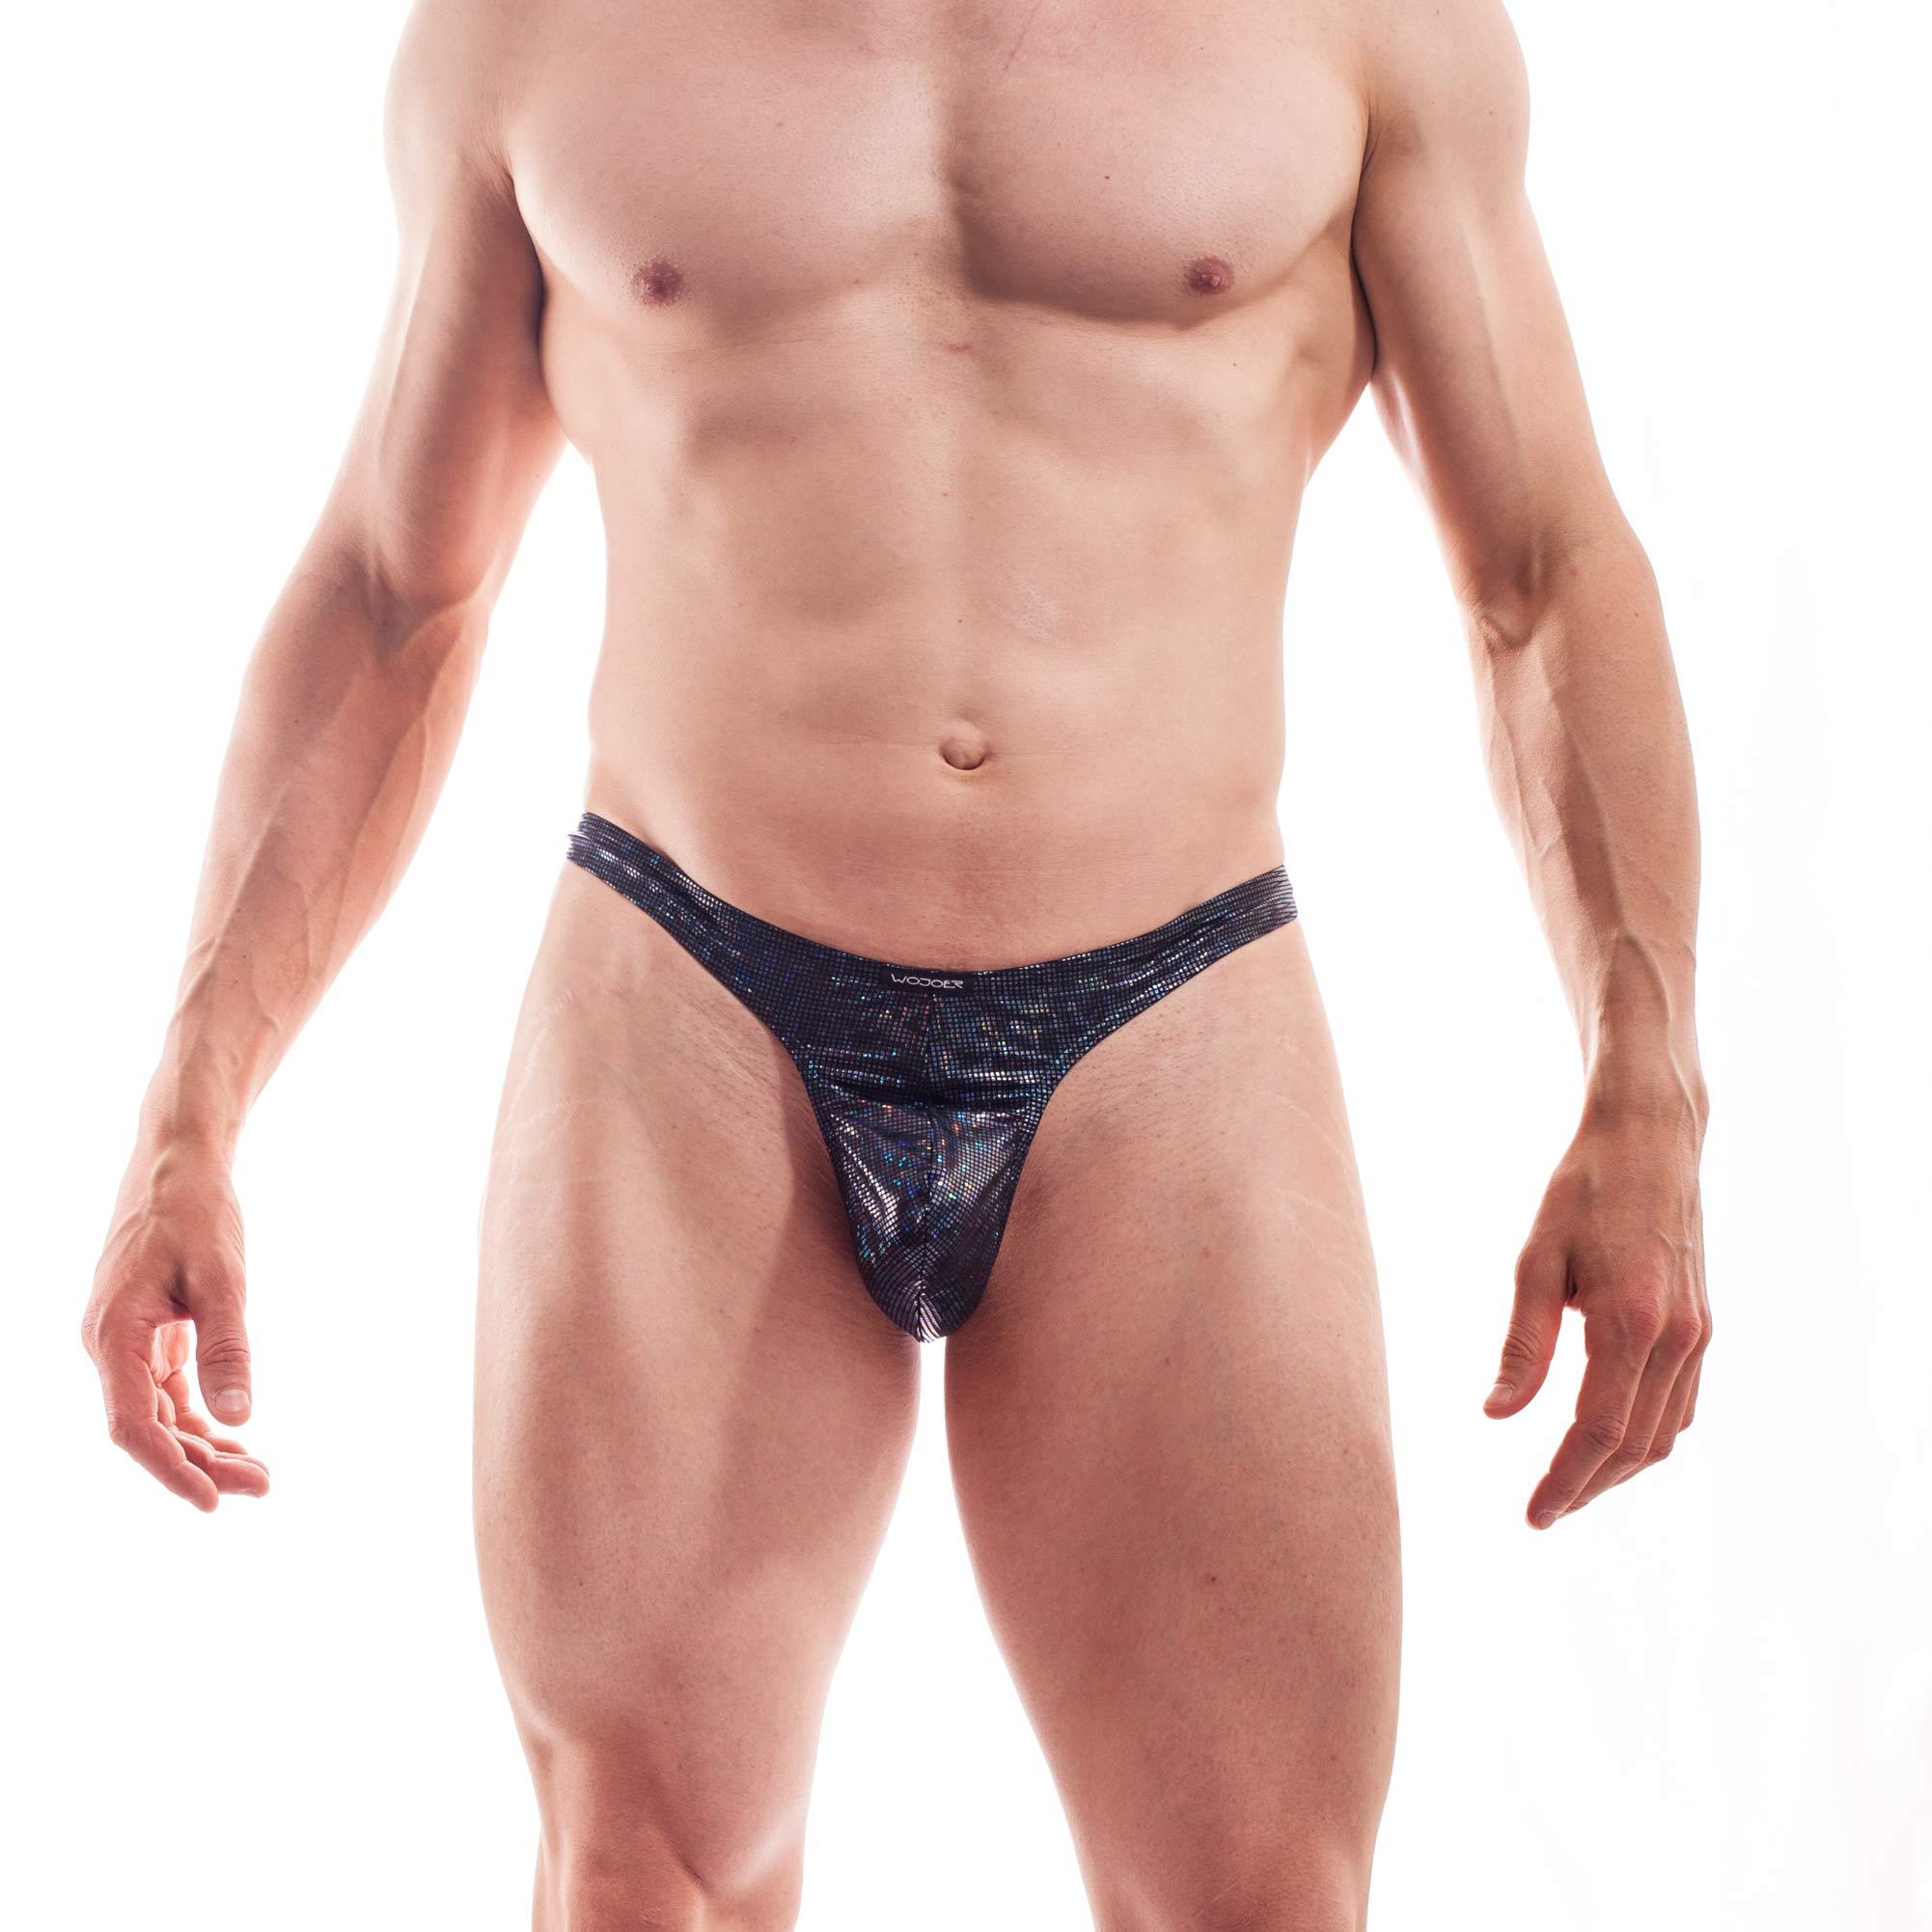 Dieser Black Jack Schmalissimo 399E700 gehört zu den Wojoer LIVE-Produkten. Sie werden ab Bestellung bei uns produziert. So können wir auf Kundenwünsche individuell eingehen. Größen Erhältlich in den Größen S, M, L, XL Materialzusammensetzung 94% Polyester, 6% Elasthan  93% Polyester, 7% Elasthan Besonderheiten LIVE-Produkt | dehnbarer glitzernder…